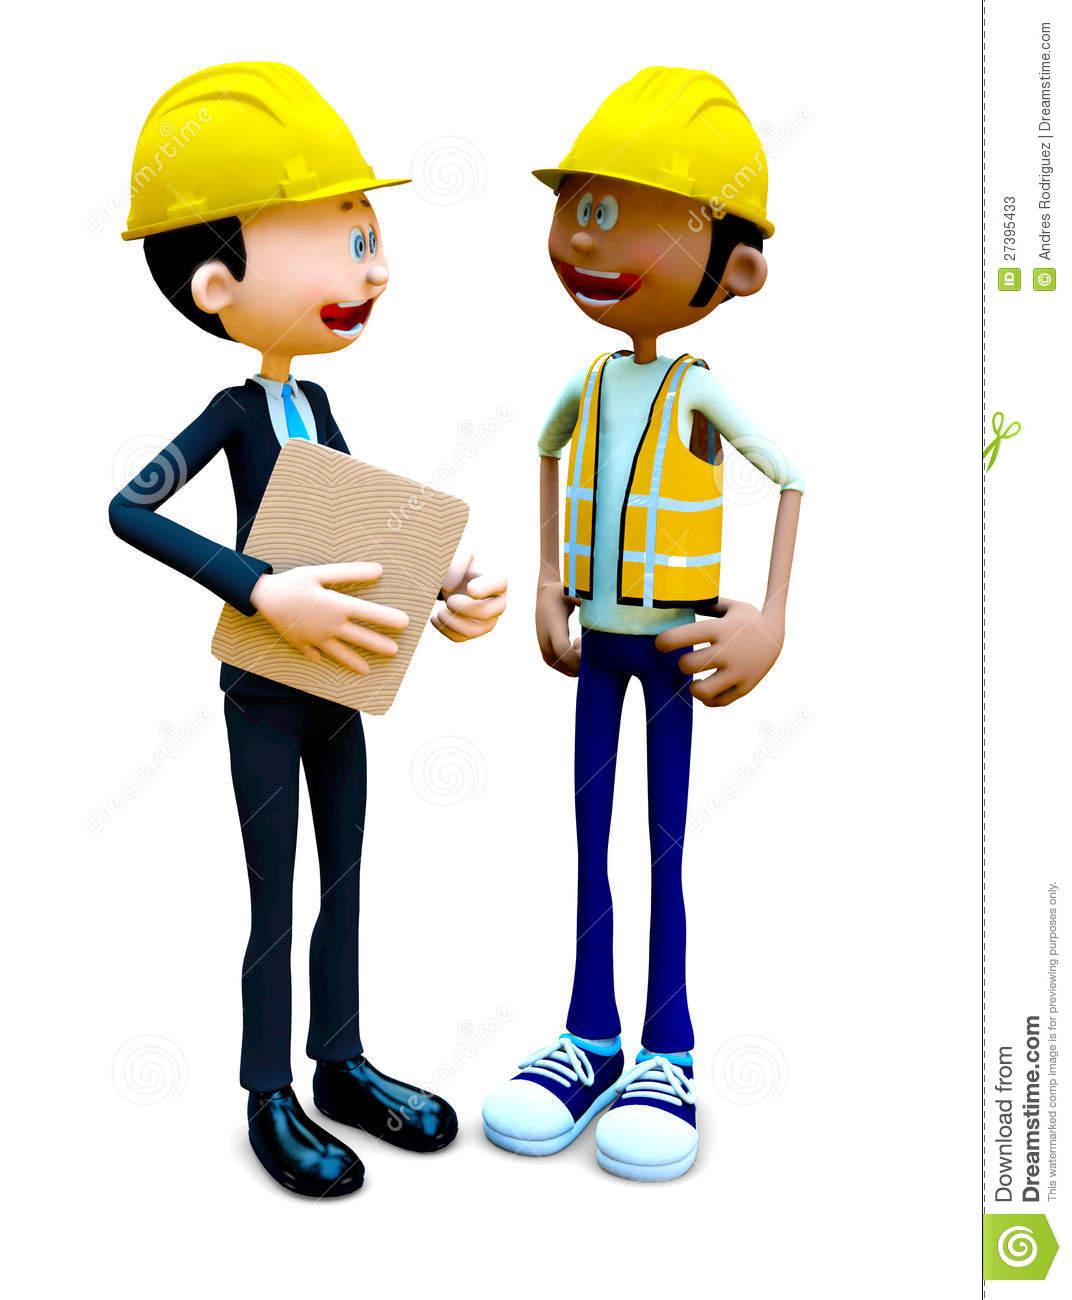 违法违规建筑企业及个人大限将至!住建部要求各地上报并曝光